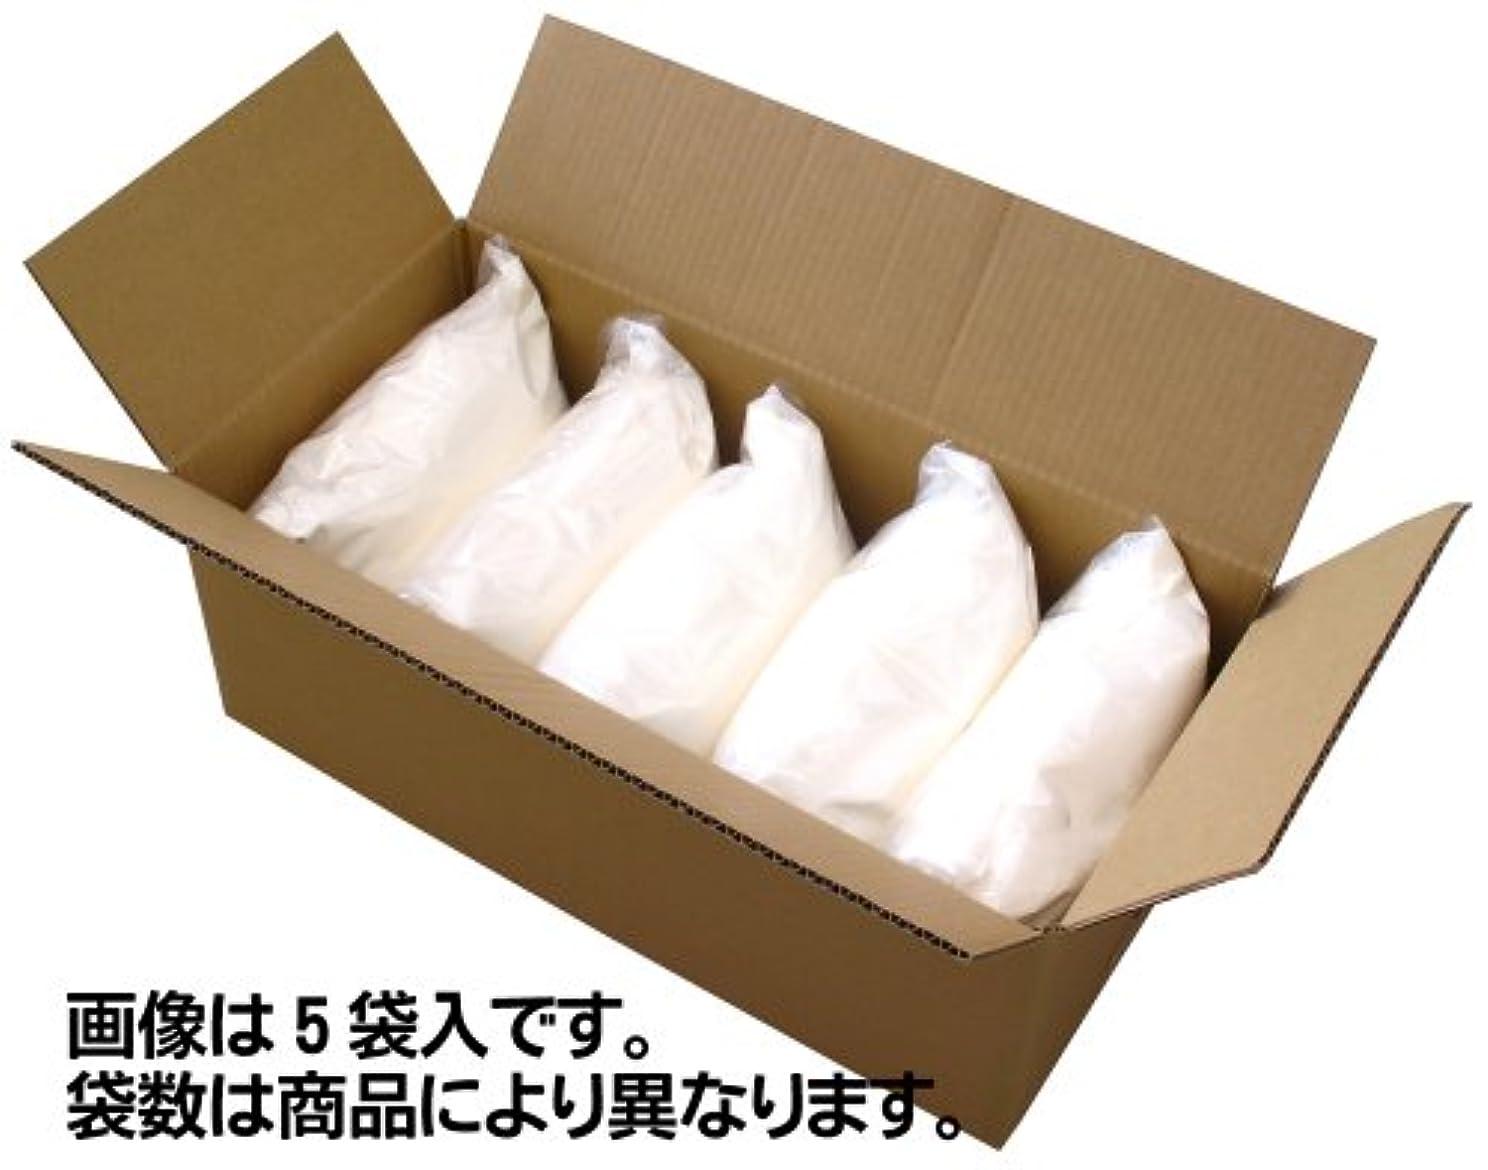 リットル驚いた攻撃業務用 難消化性デキストリン4kg×3袋 水溶性食物繊維約85%